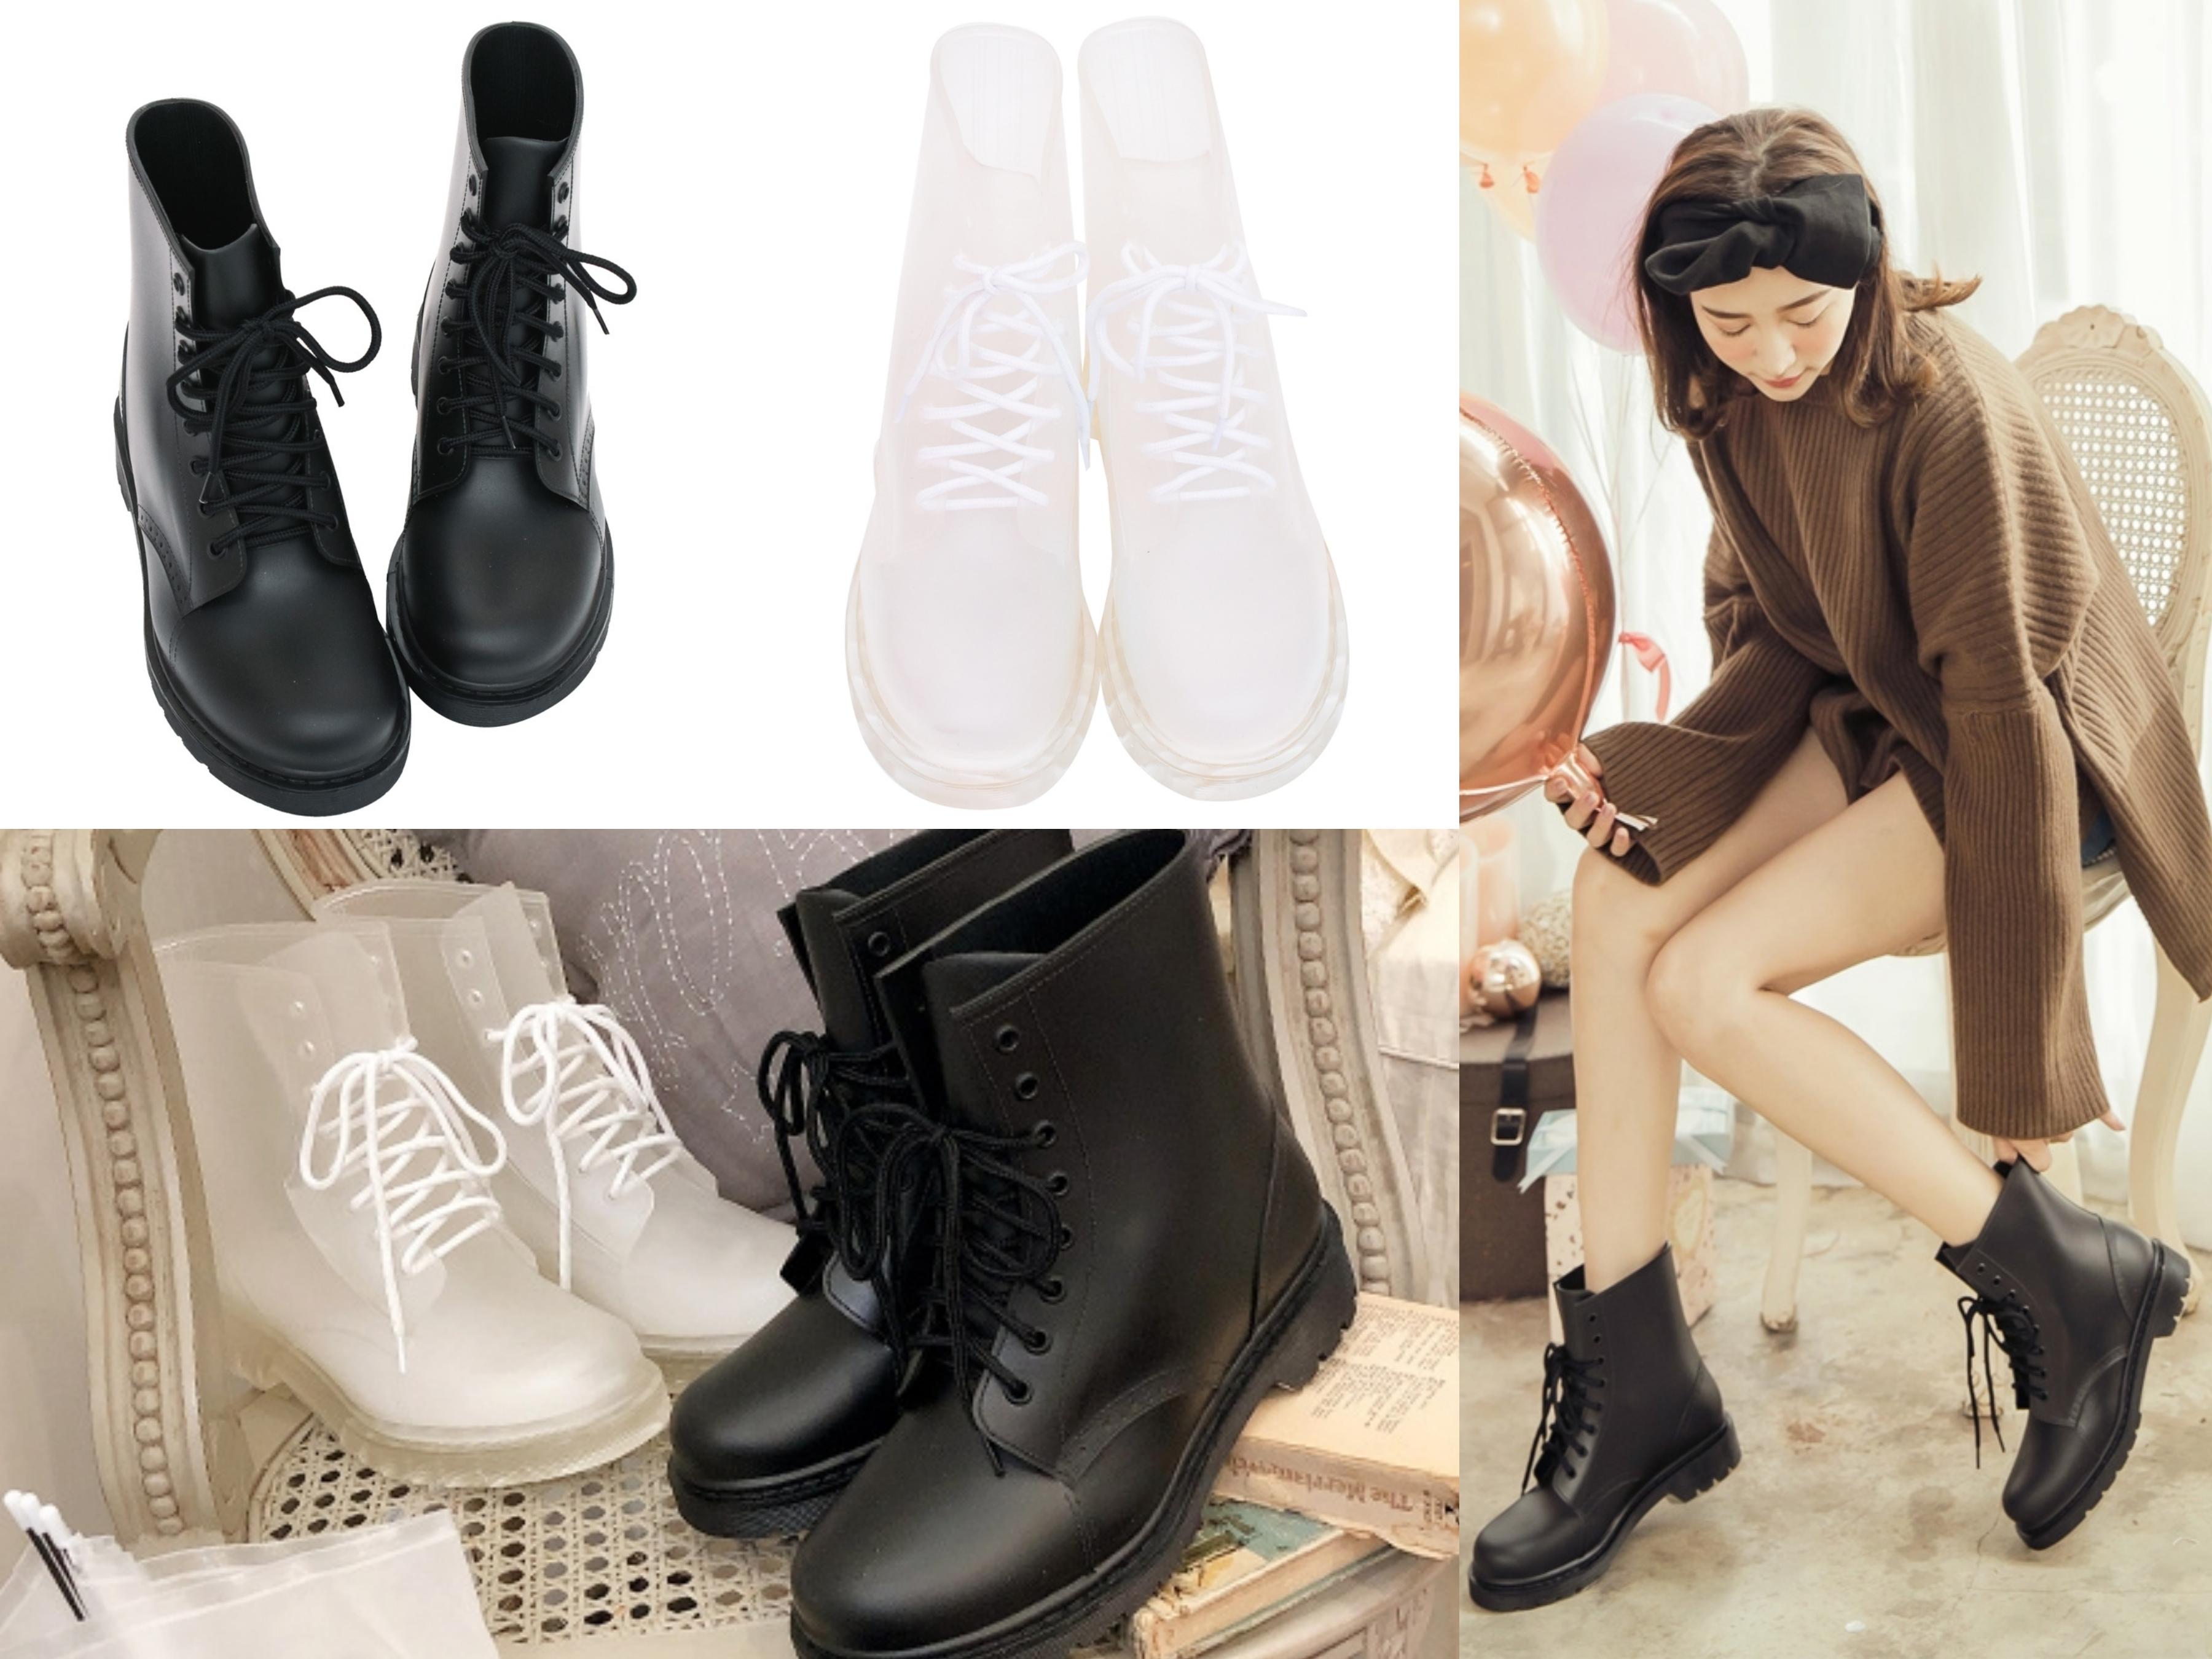 獨家推出低調又時髦的雨靴款式,選用厚實PVC防水材質不再擔心下雨天